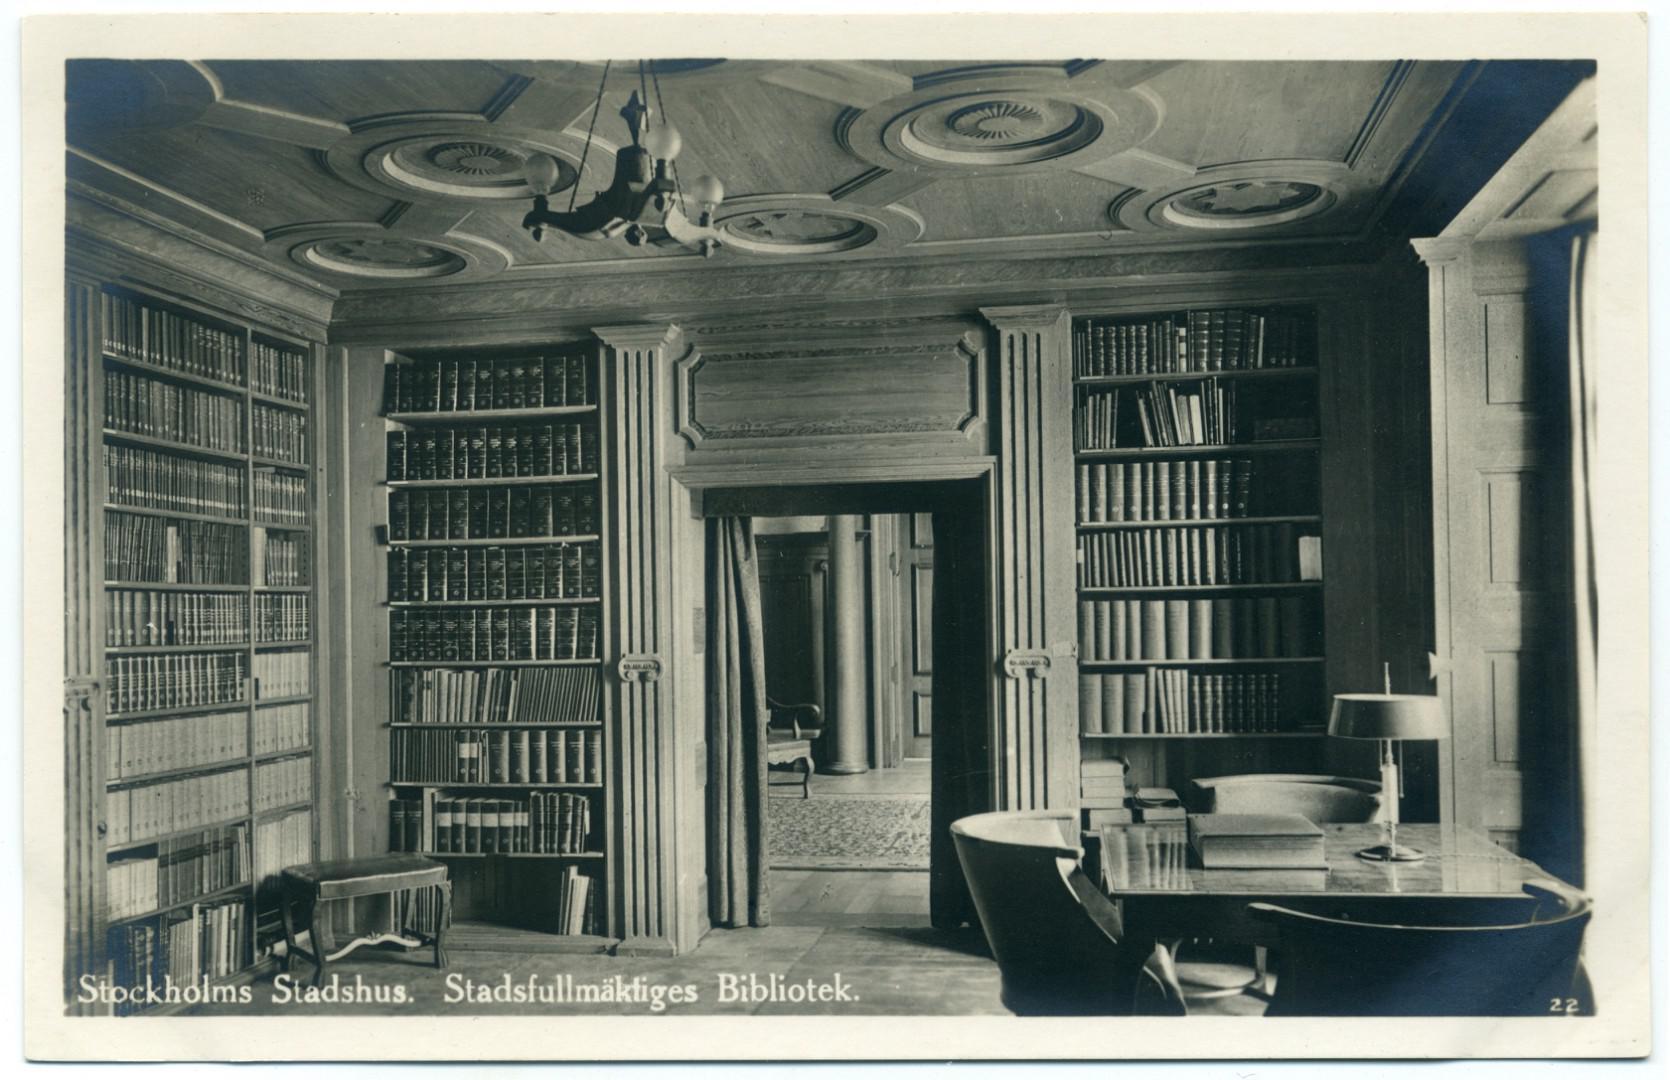 Stockholm: Stockholms stadshus - Bibliothek